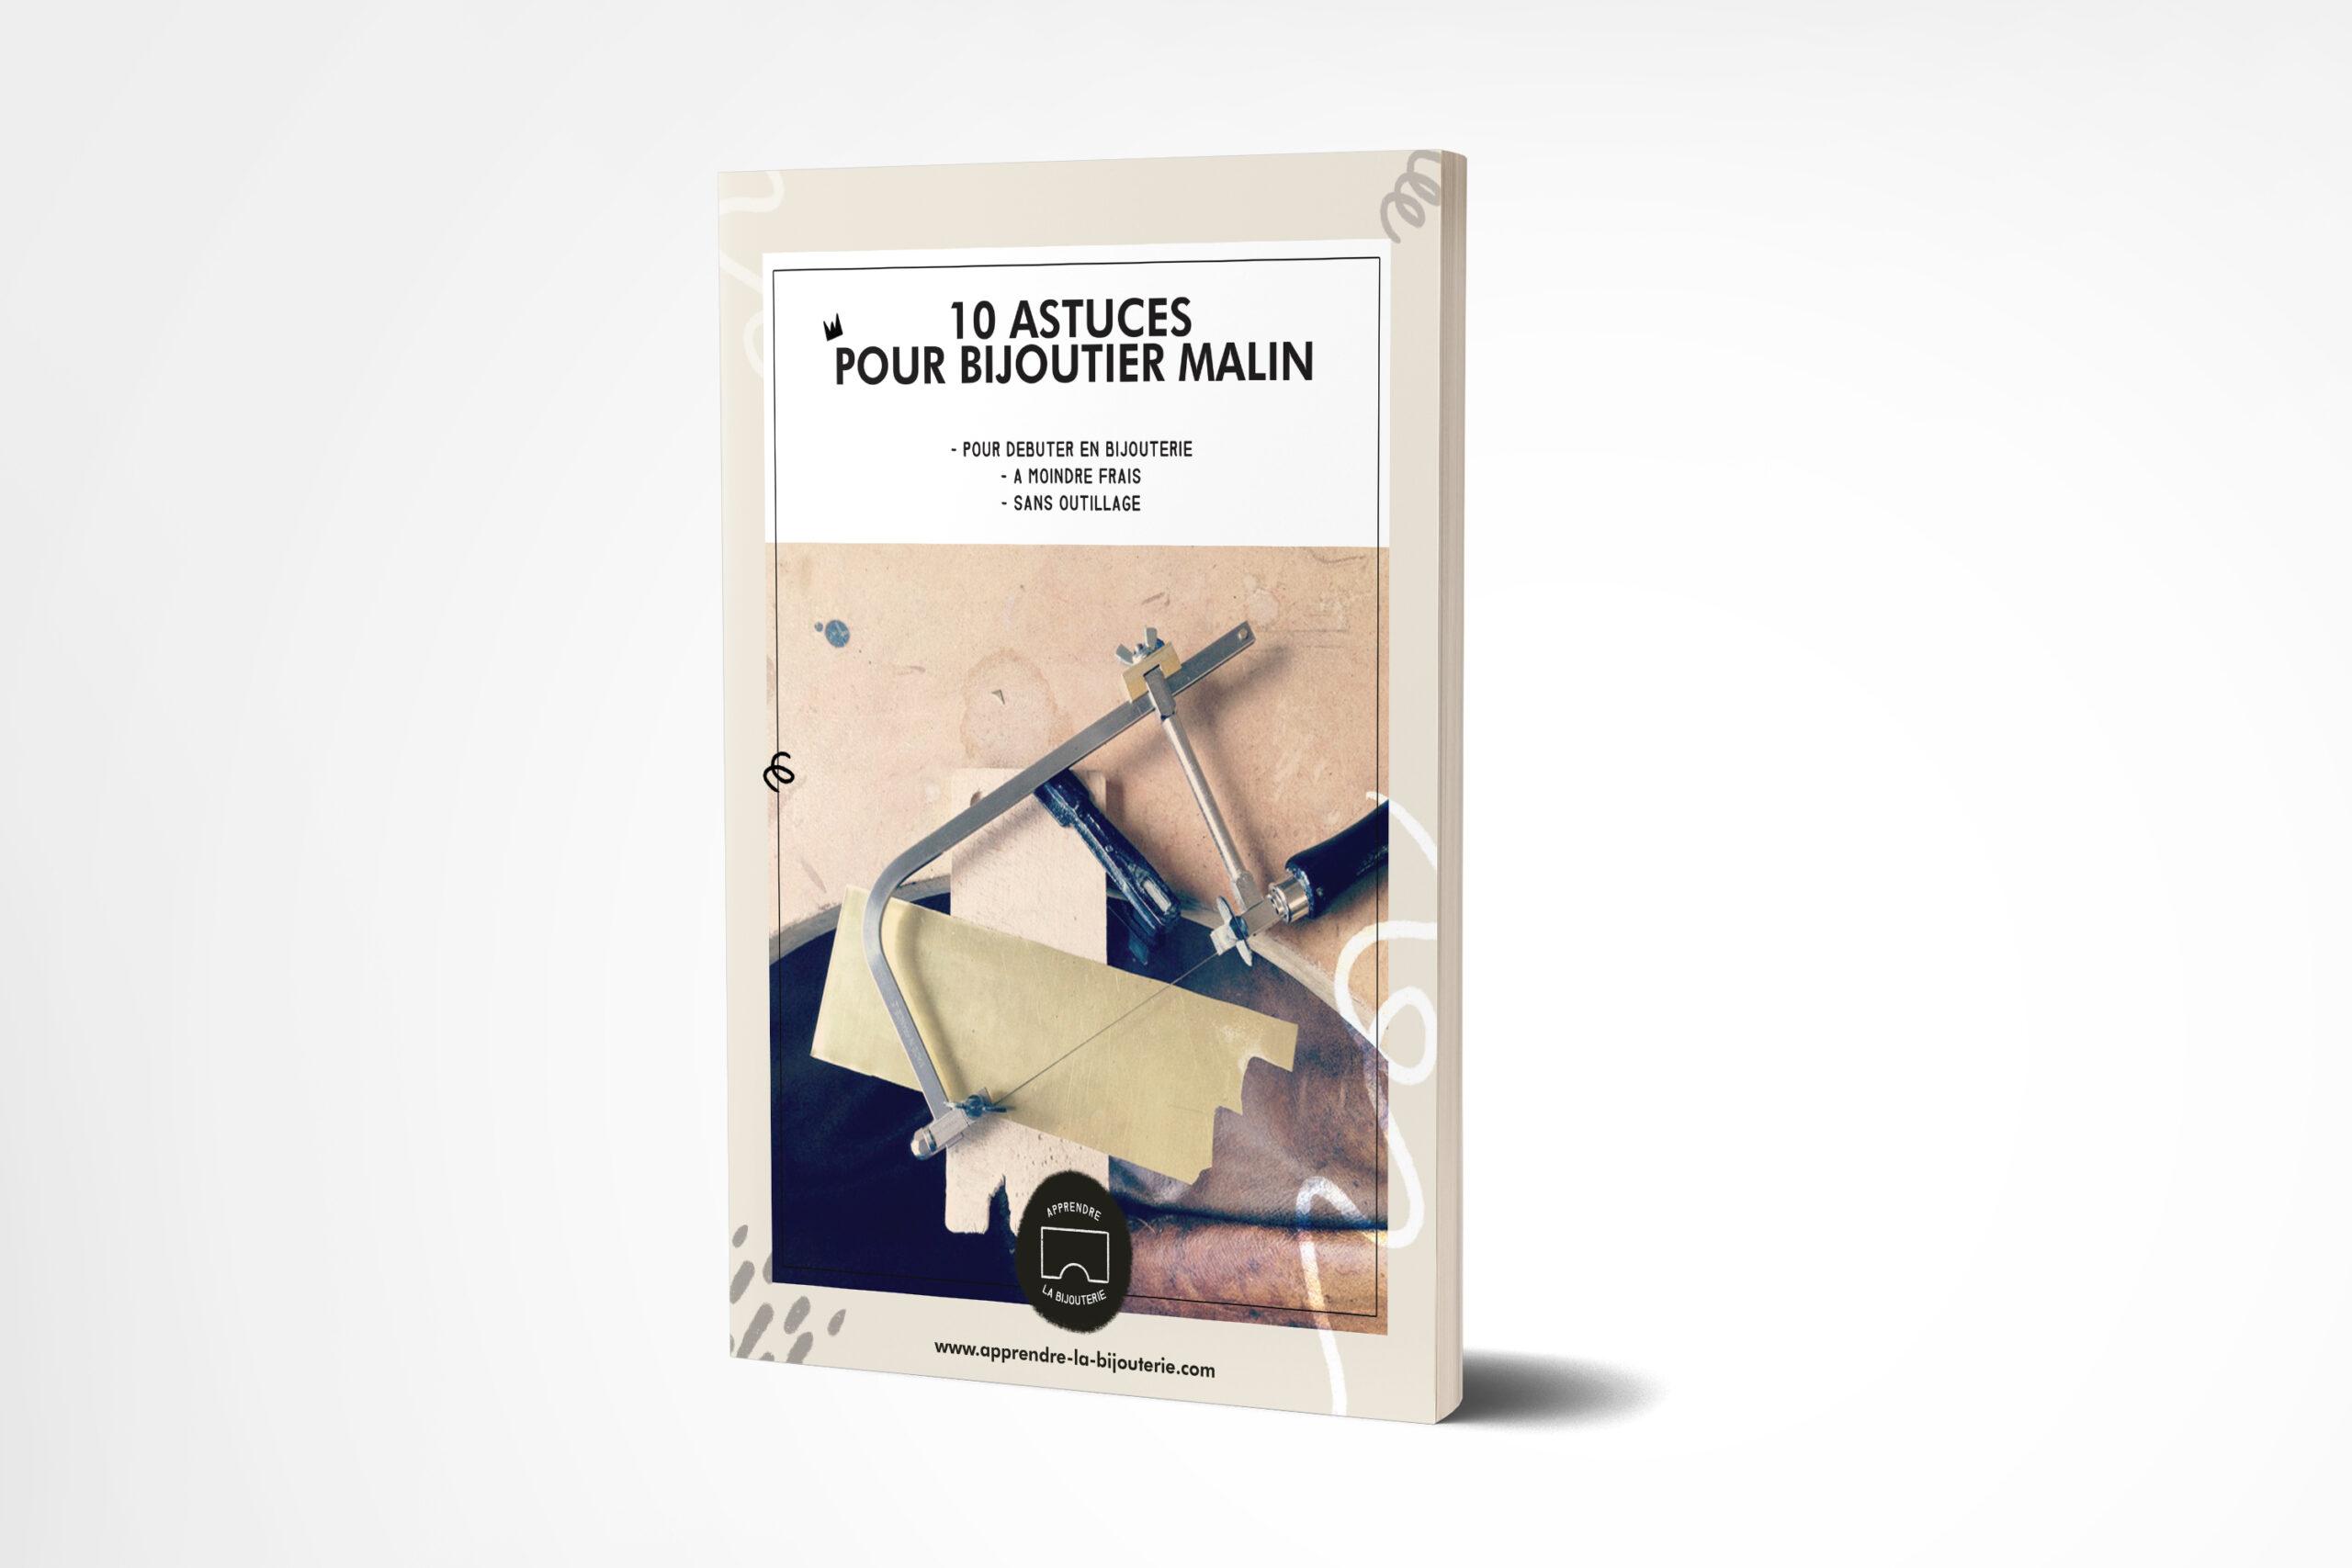 10 astuces pour bijoutier malin - ebook téléchargeable gratuit par Apprendre-la-bijouterie.com